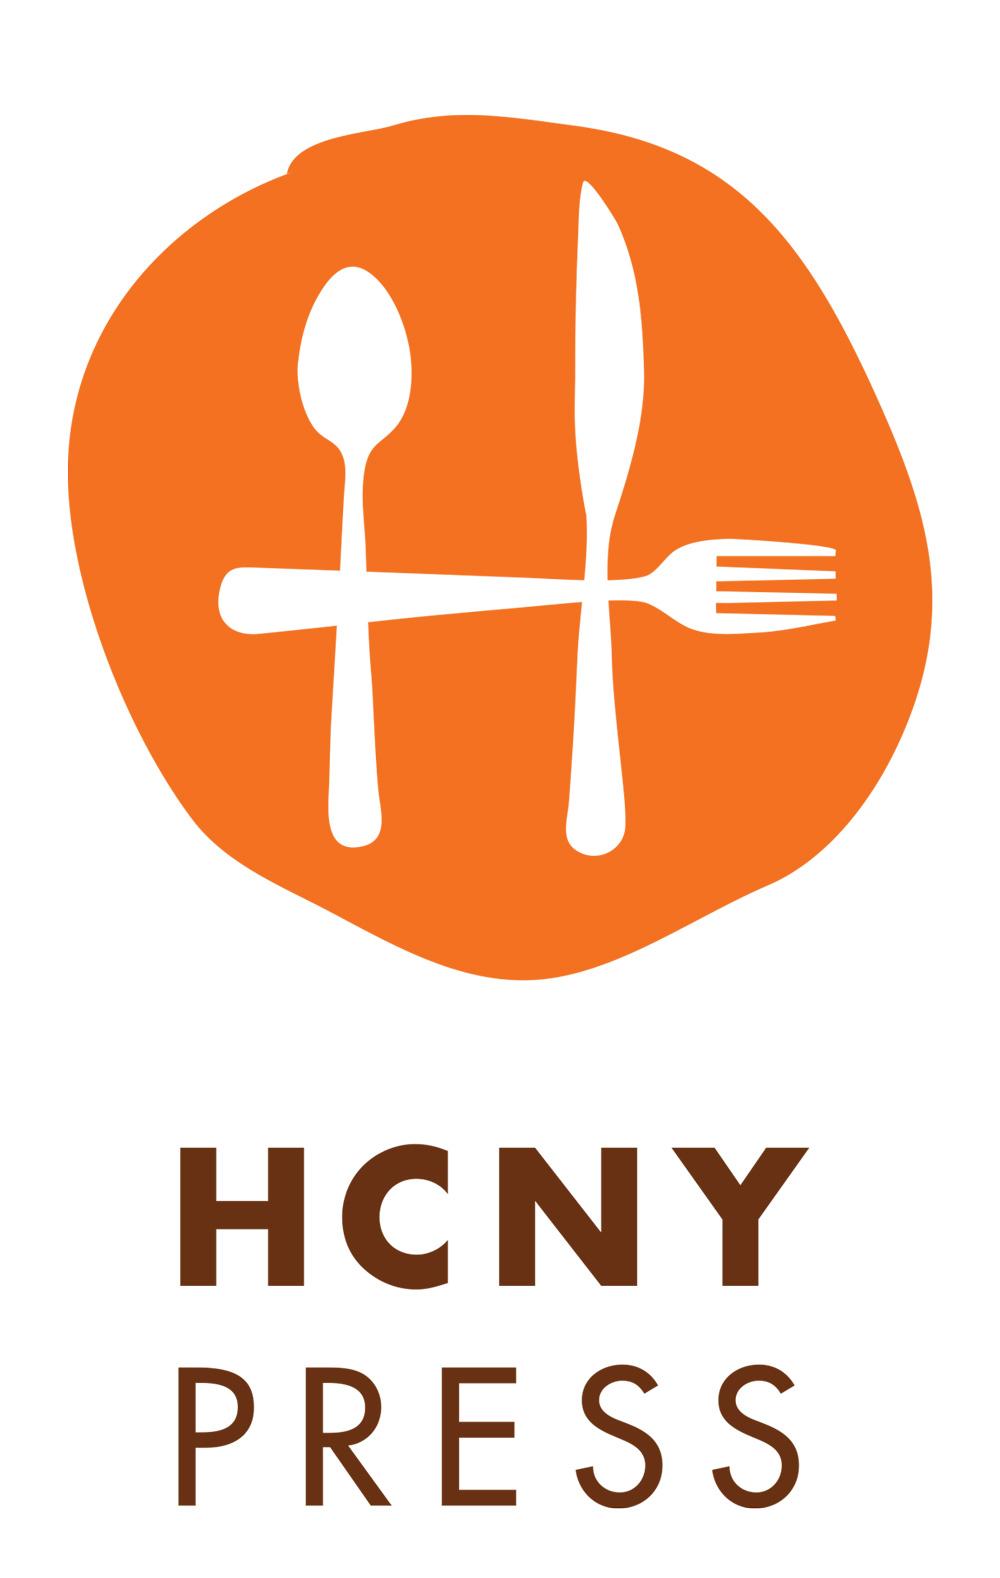 HCNY Press